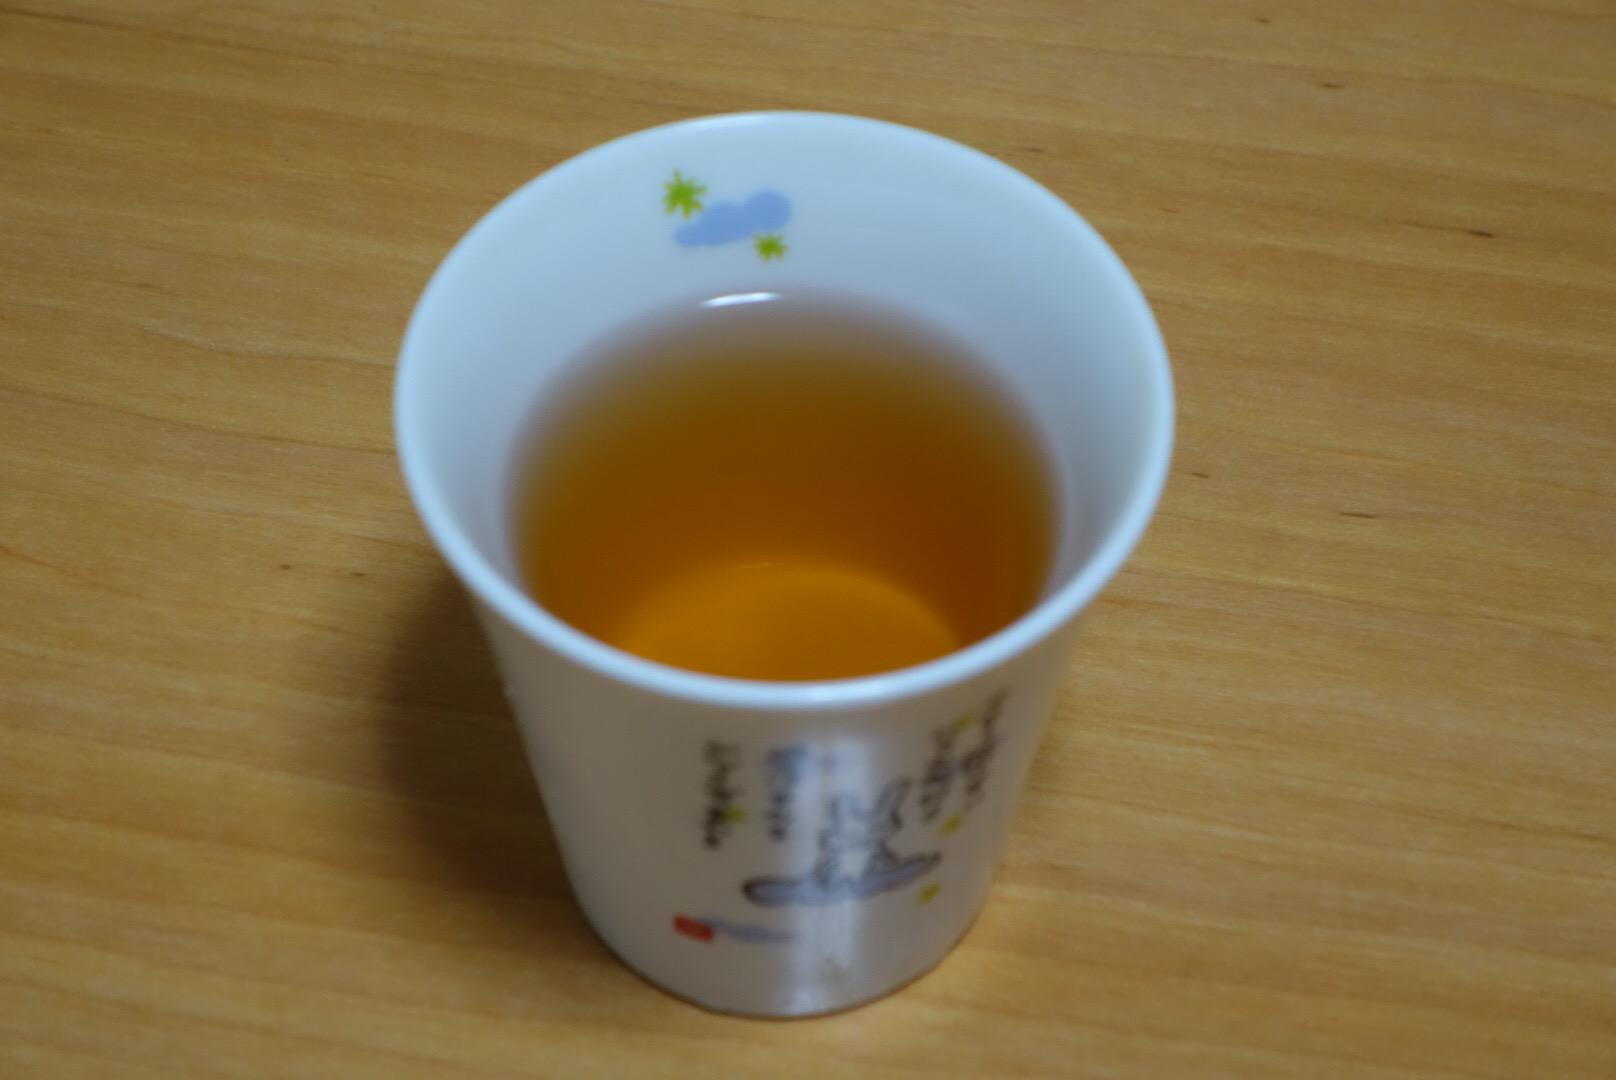 おいしいジャスミン茶